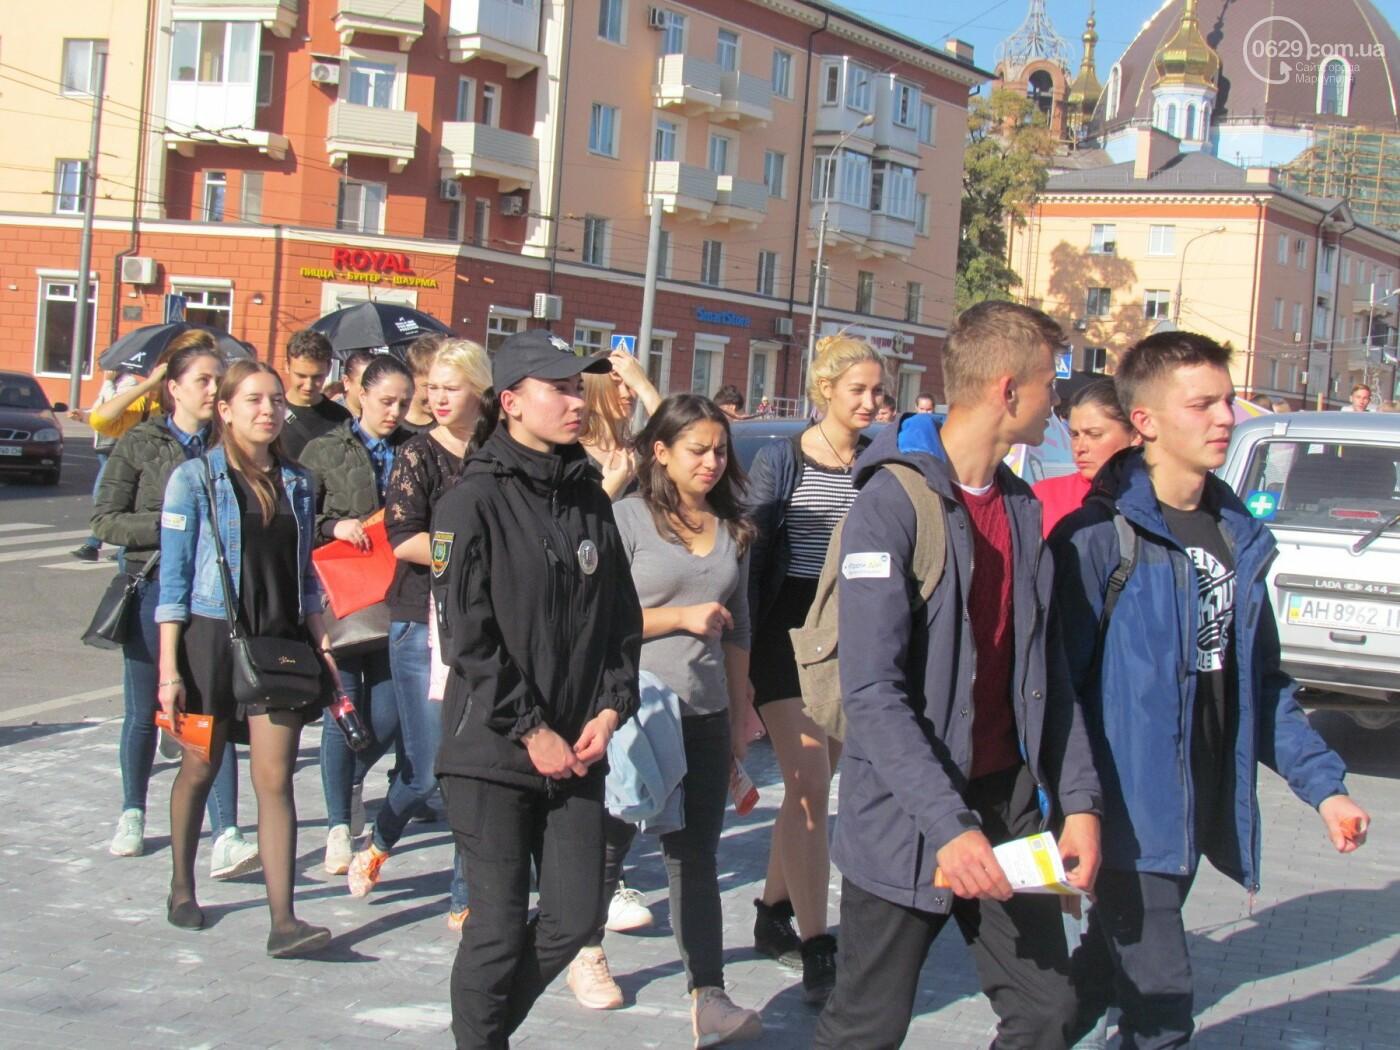 В Мариуполе устроили марш против торговли людьми - ФОТОРЕПОРТАЖ, фото-5